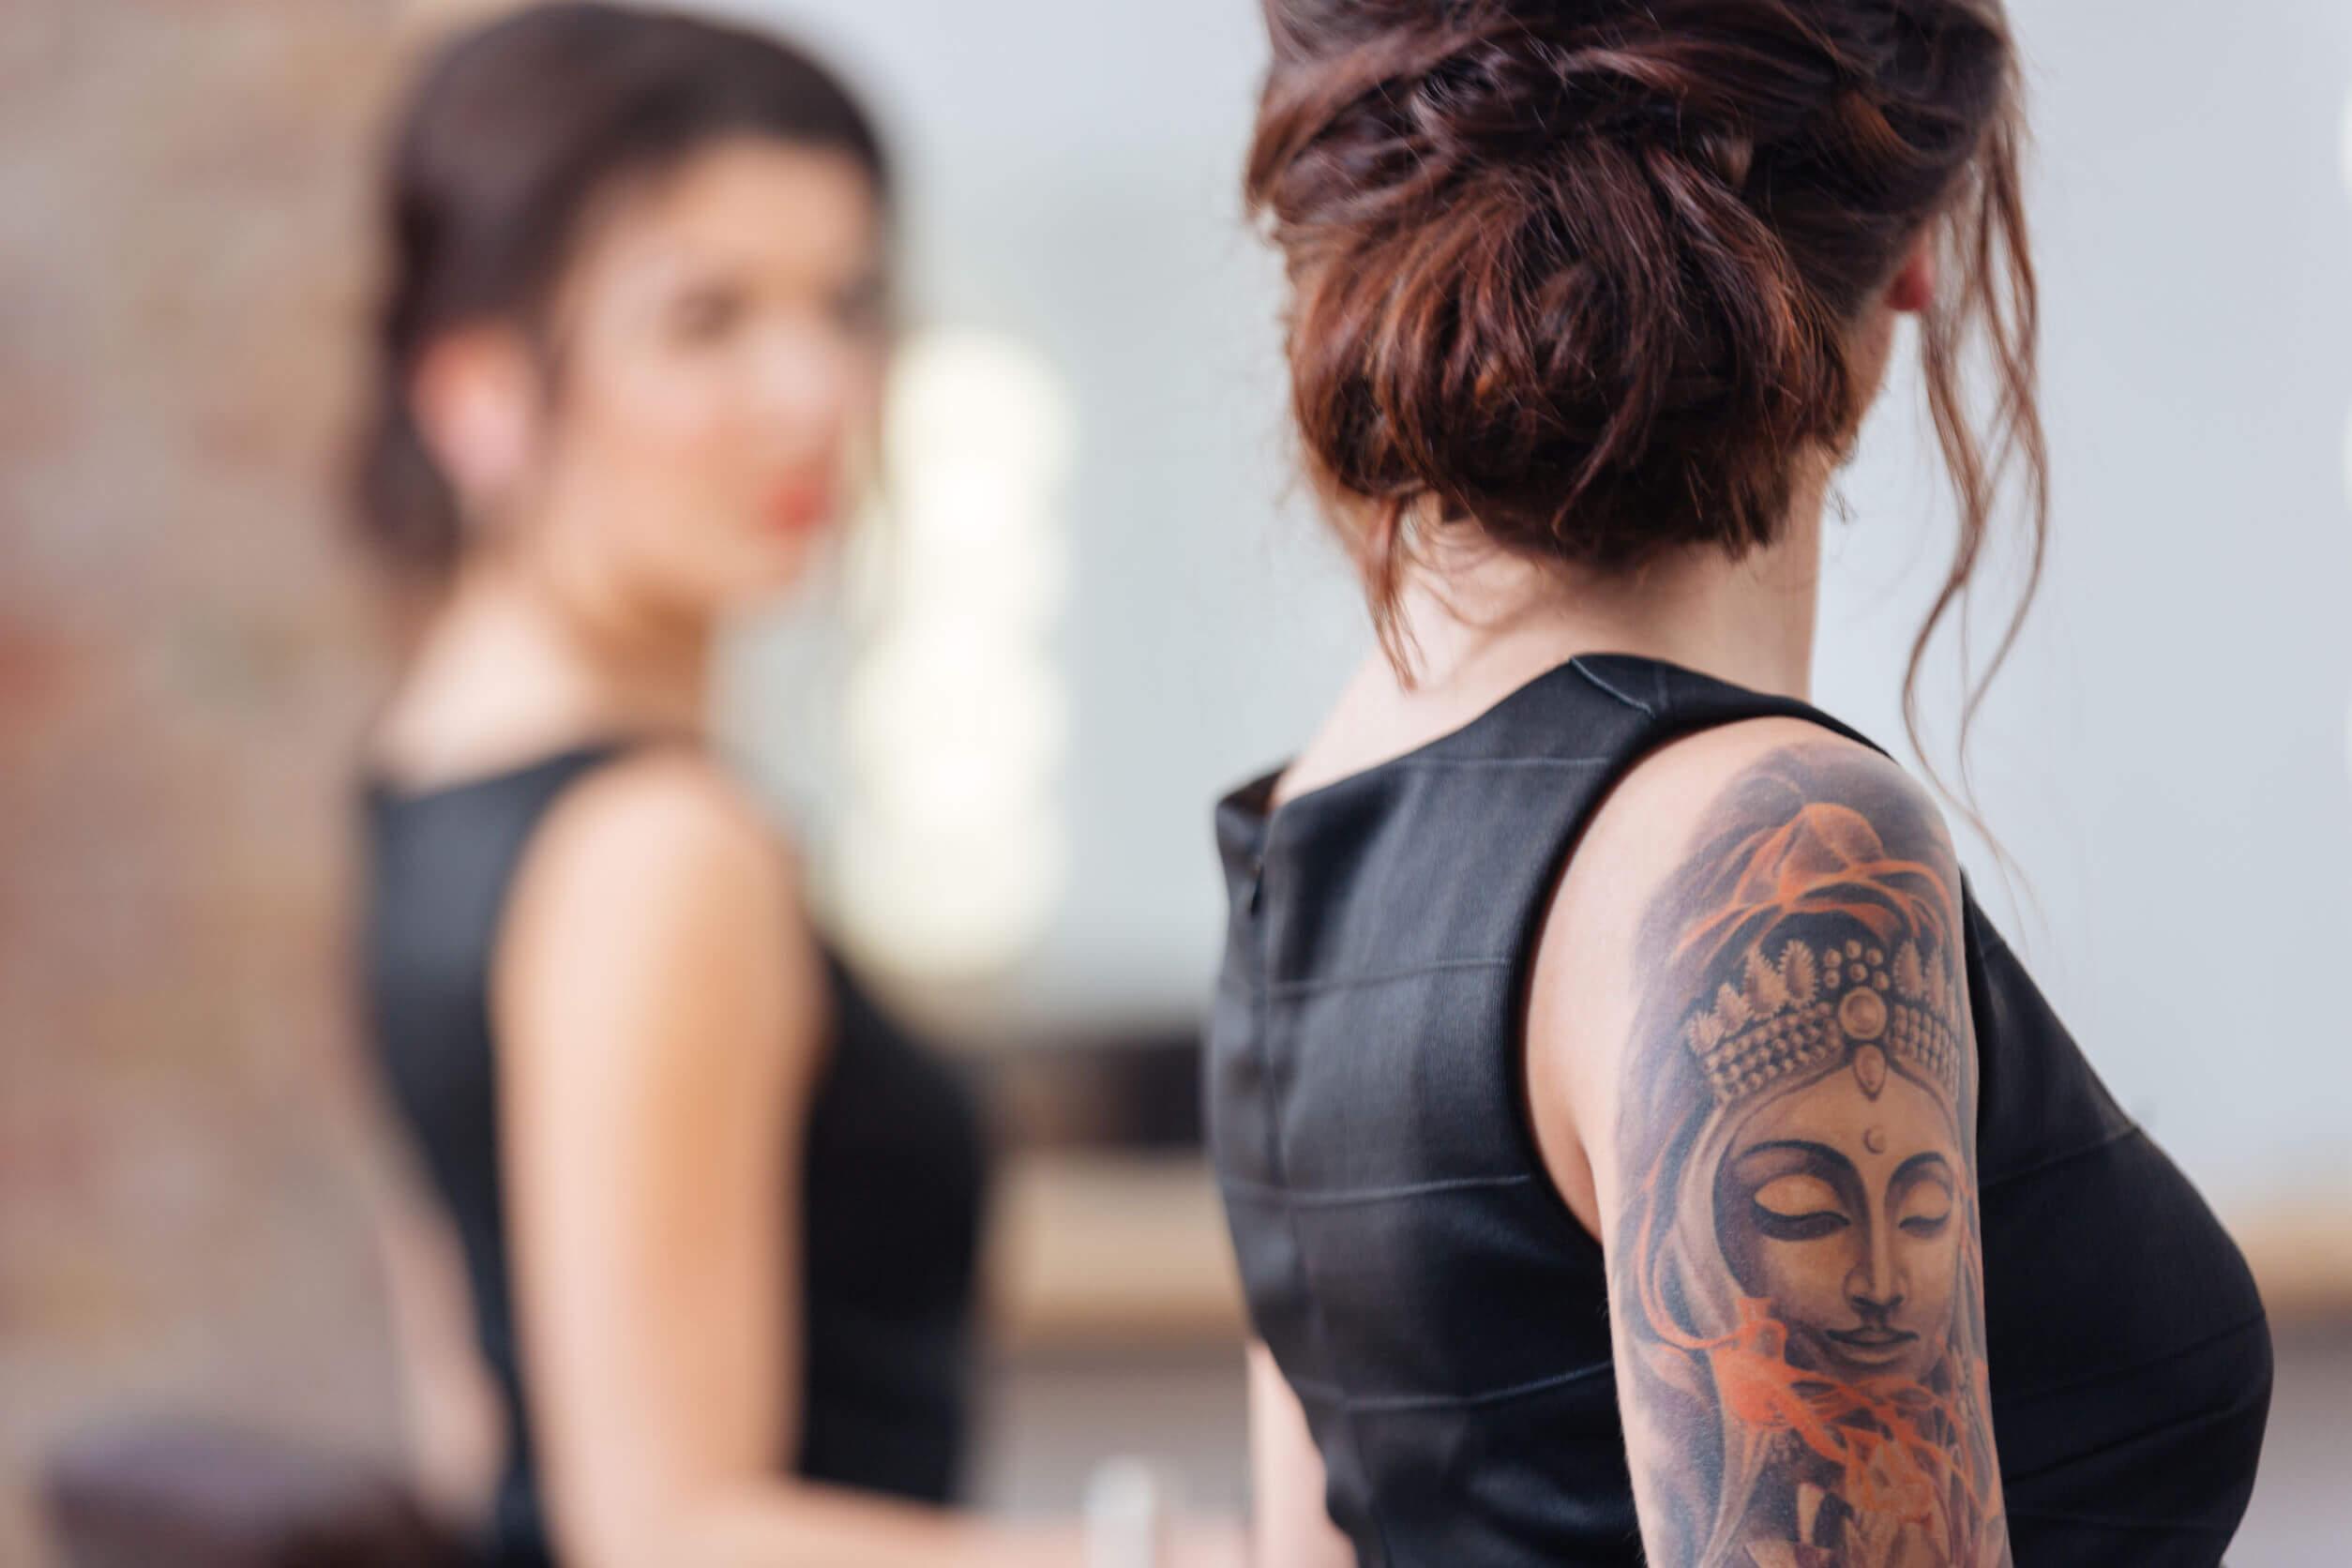 Mujer se mira al espejo.